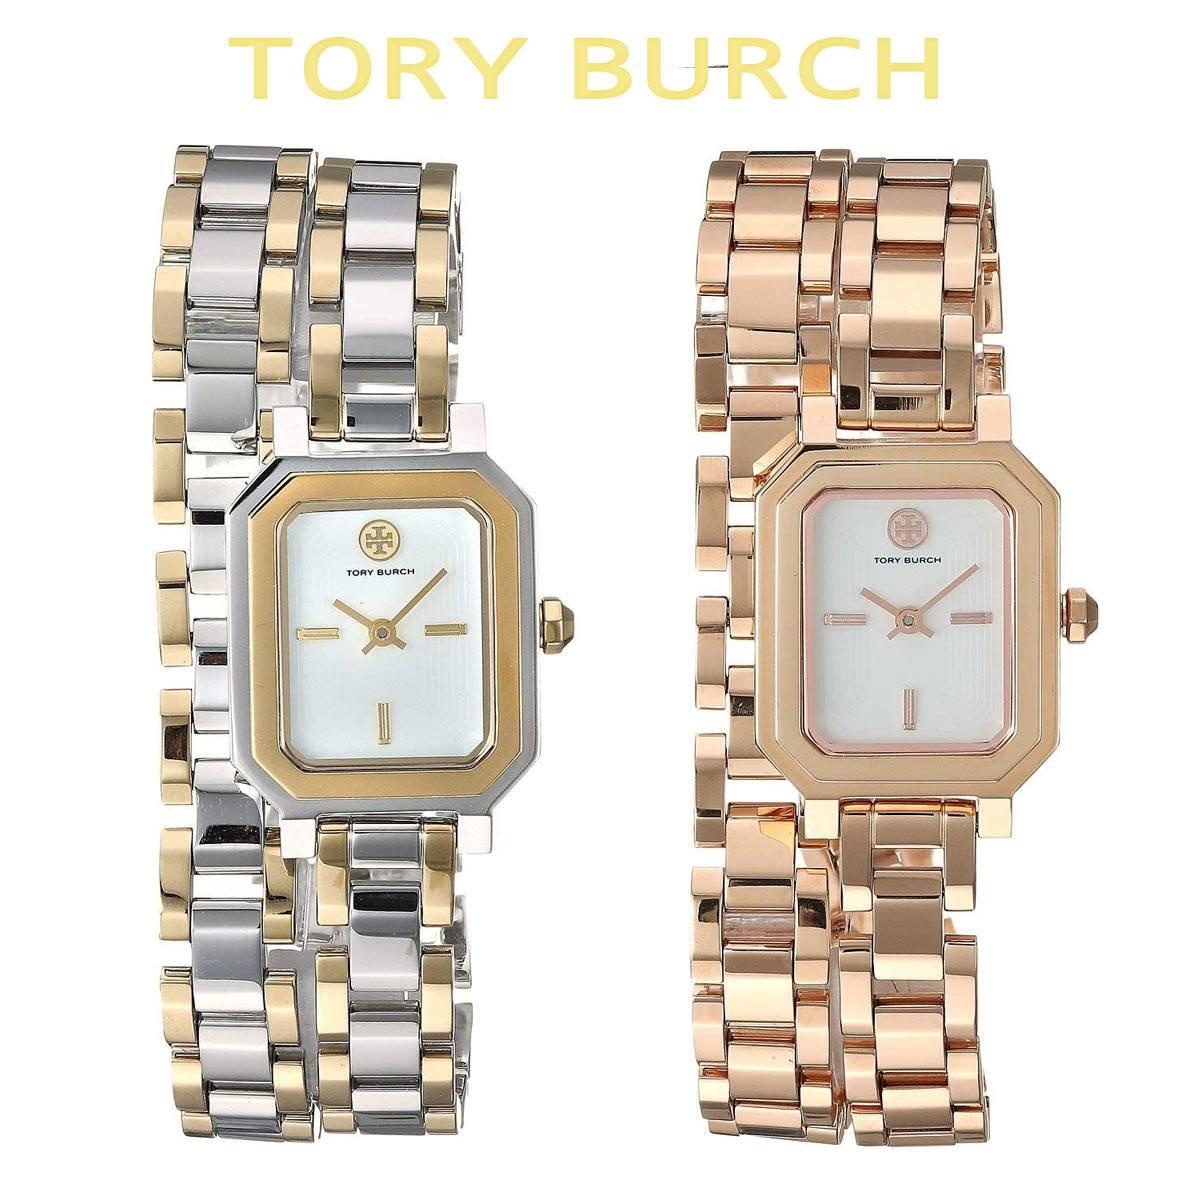 日本メーカー新品 トリーバーチ 時計 腕時計 レディース ブレスレット 直営店 おしゃれ ブランド Tory スクエア Burch